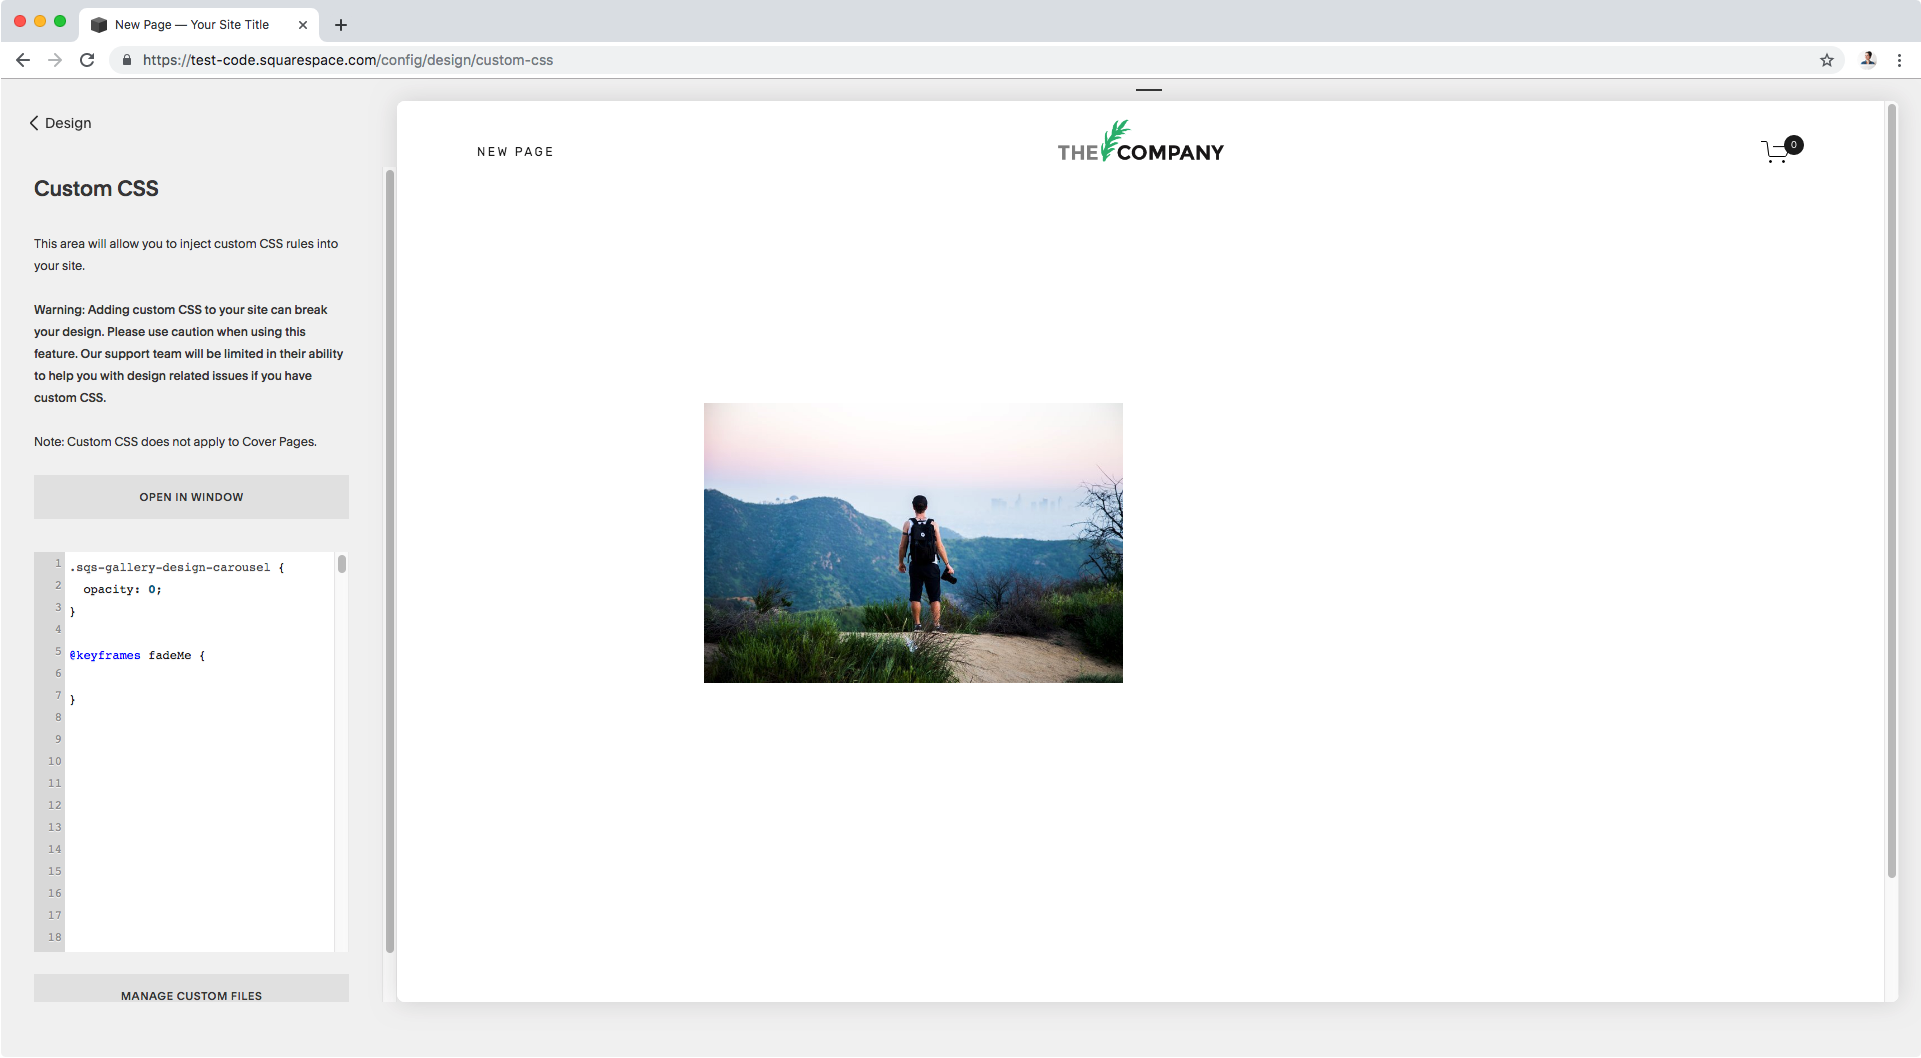 Screen Shot 2019-05-09 at 2.59.54 PM.png